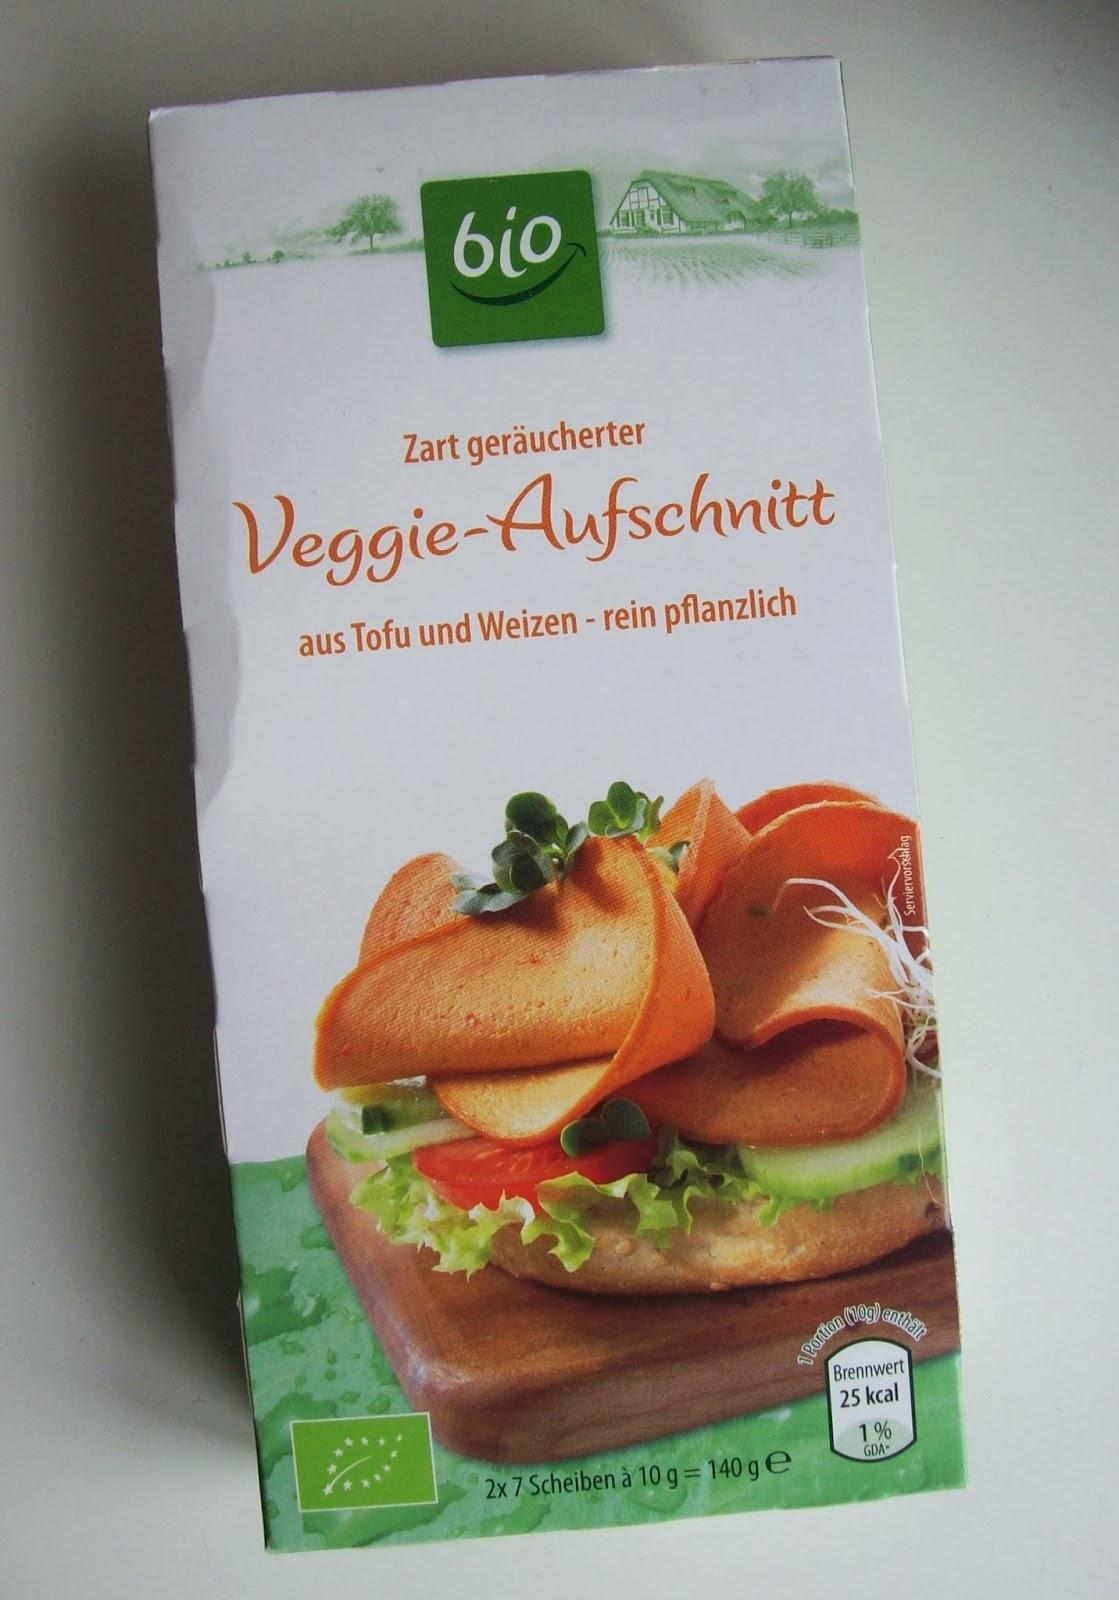 Aus Was Besteht Vegetarische Wurst